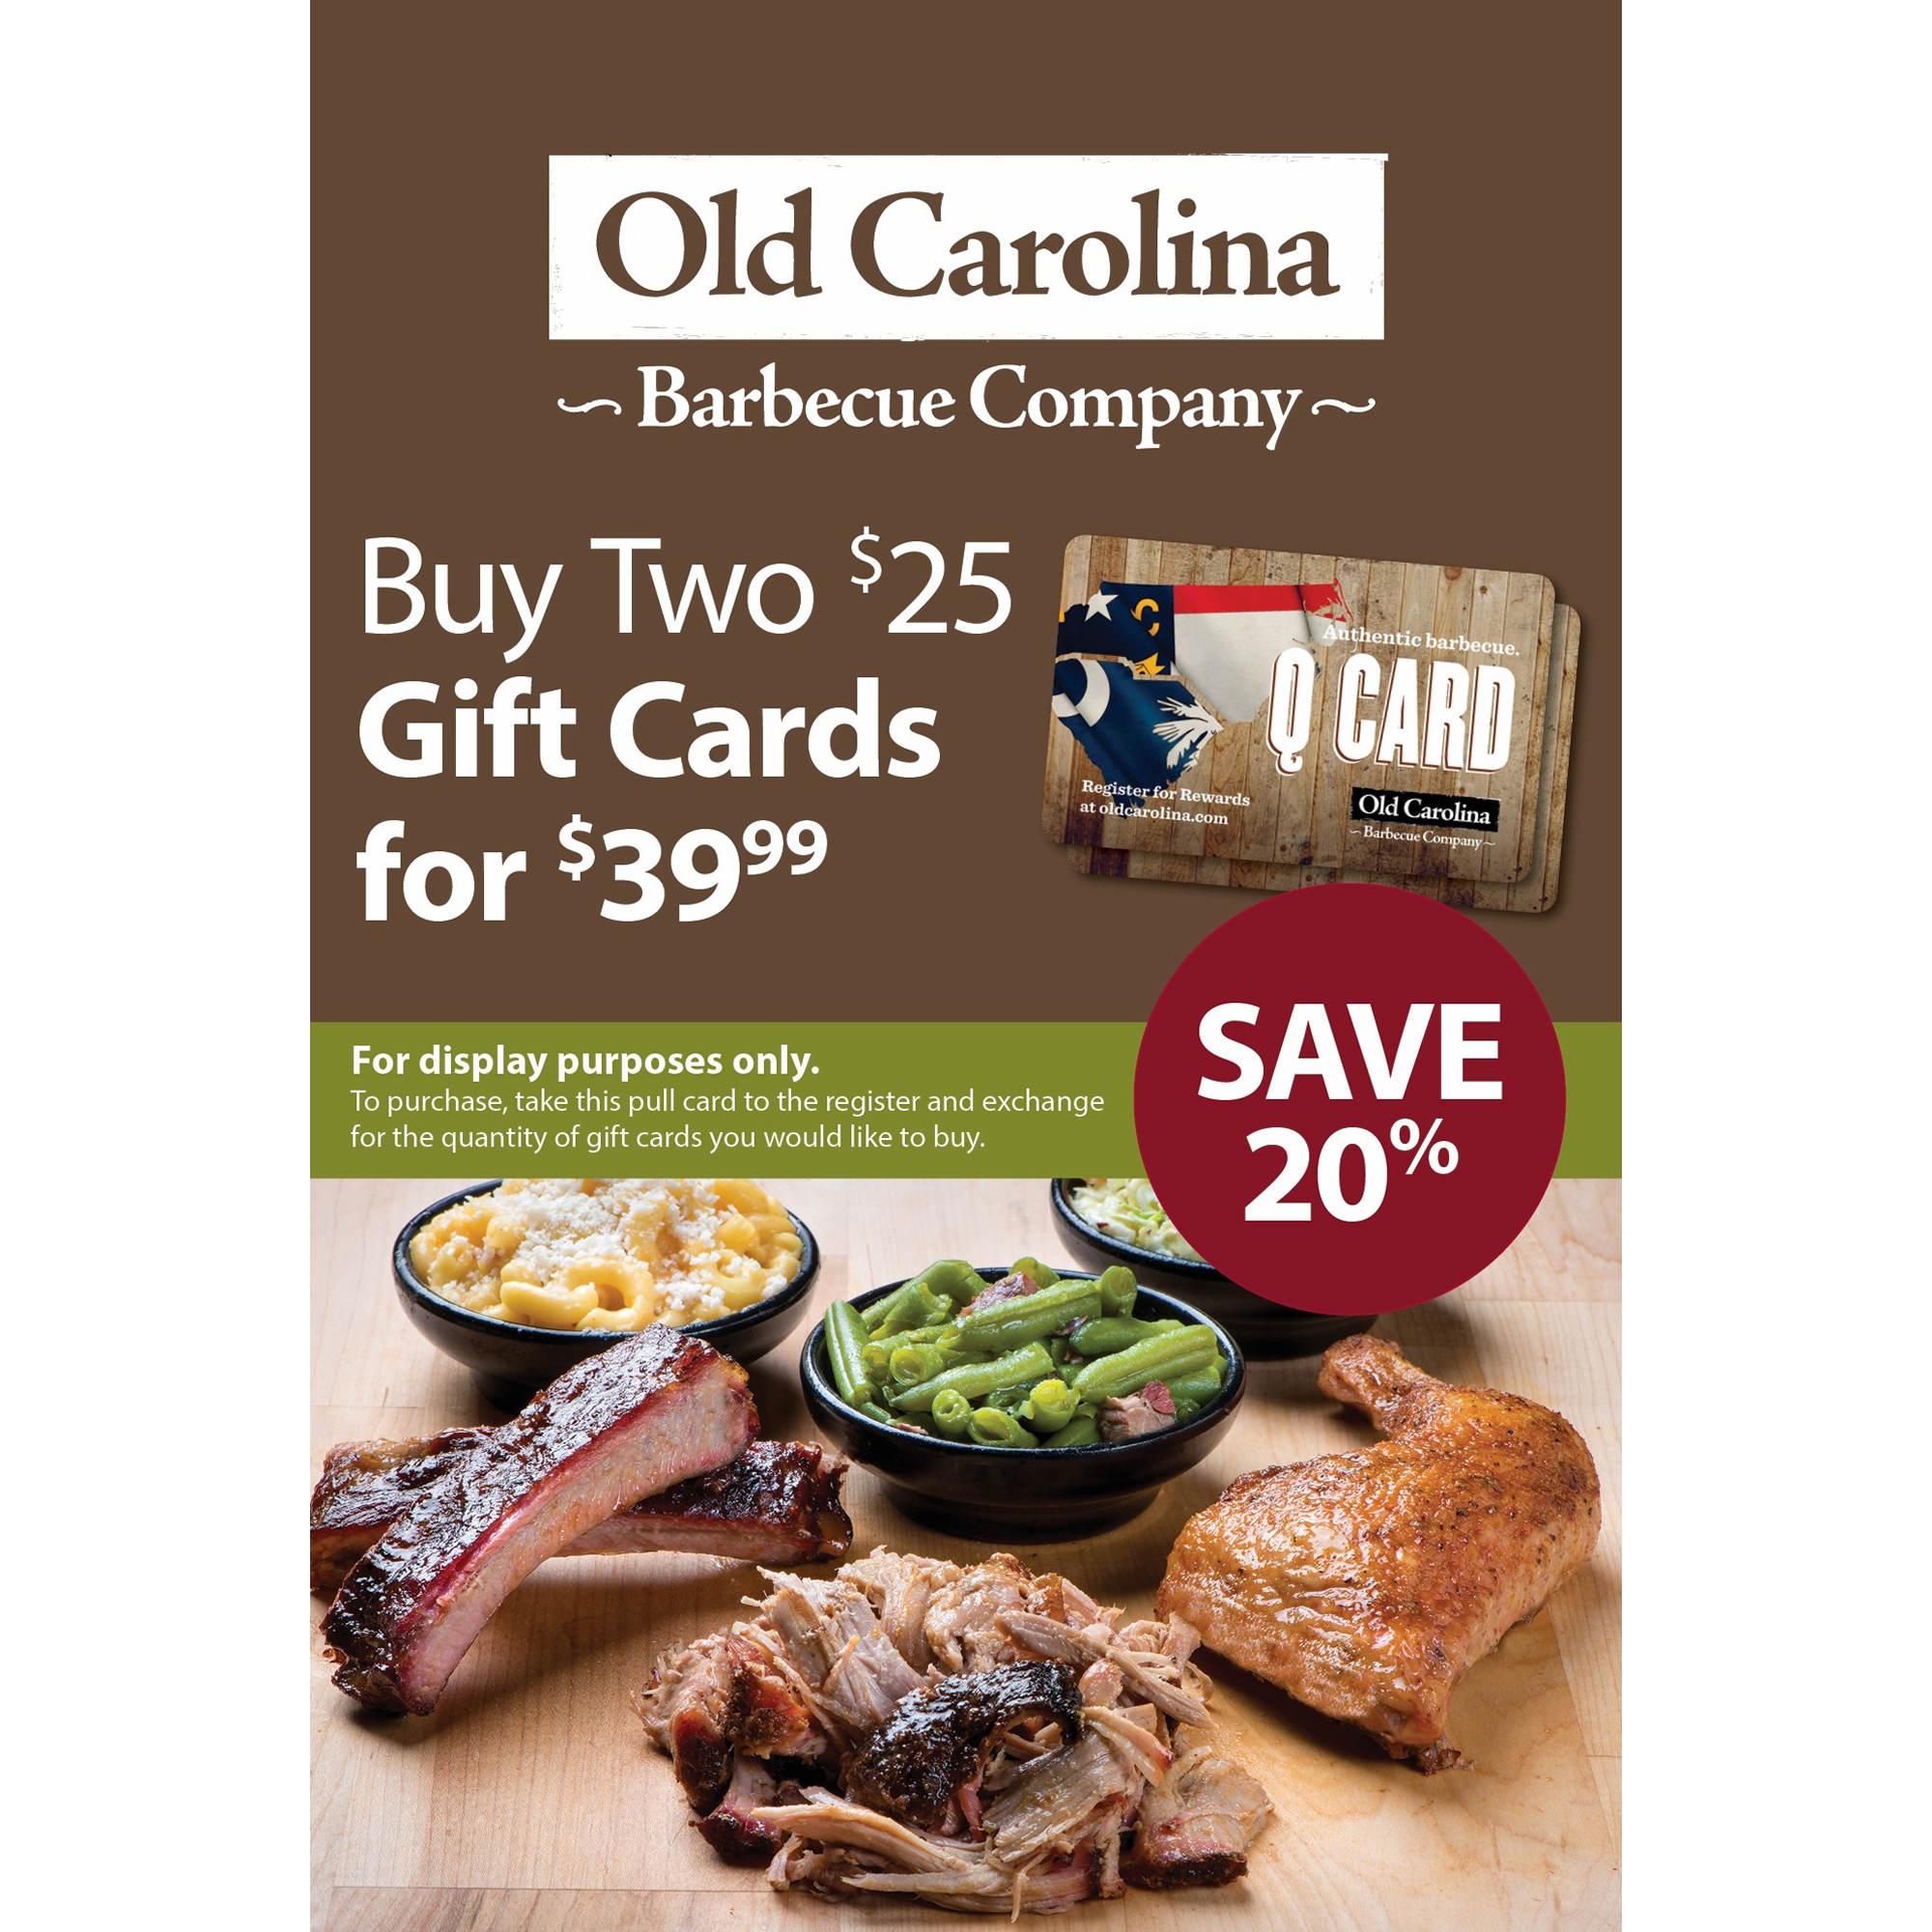 Get deal alerts for OLD CAROLINA BBQ